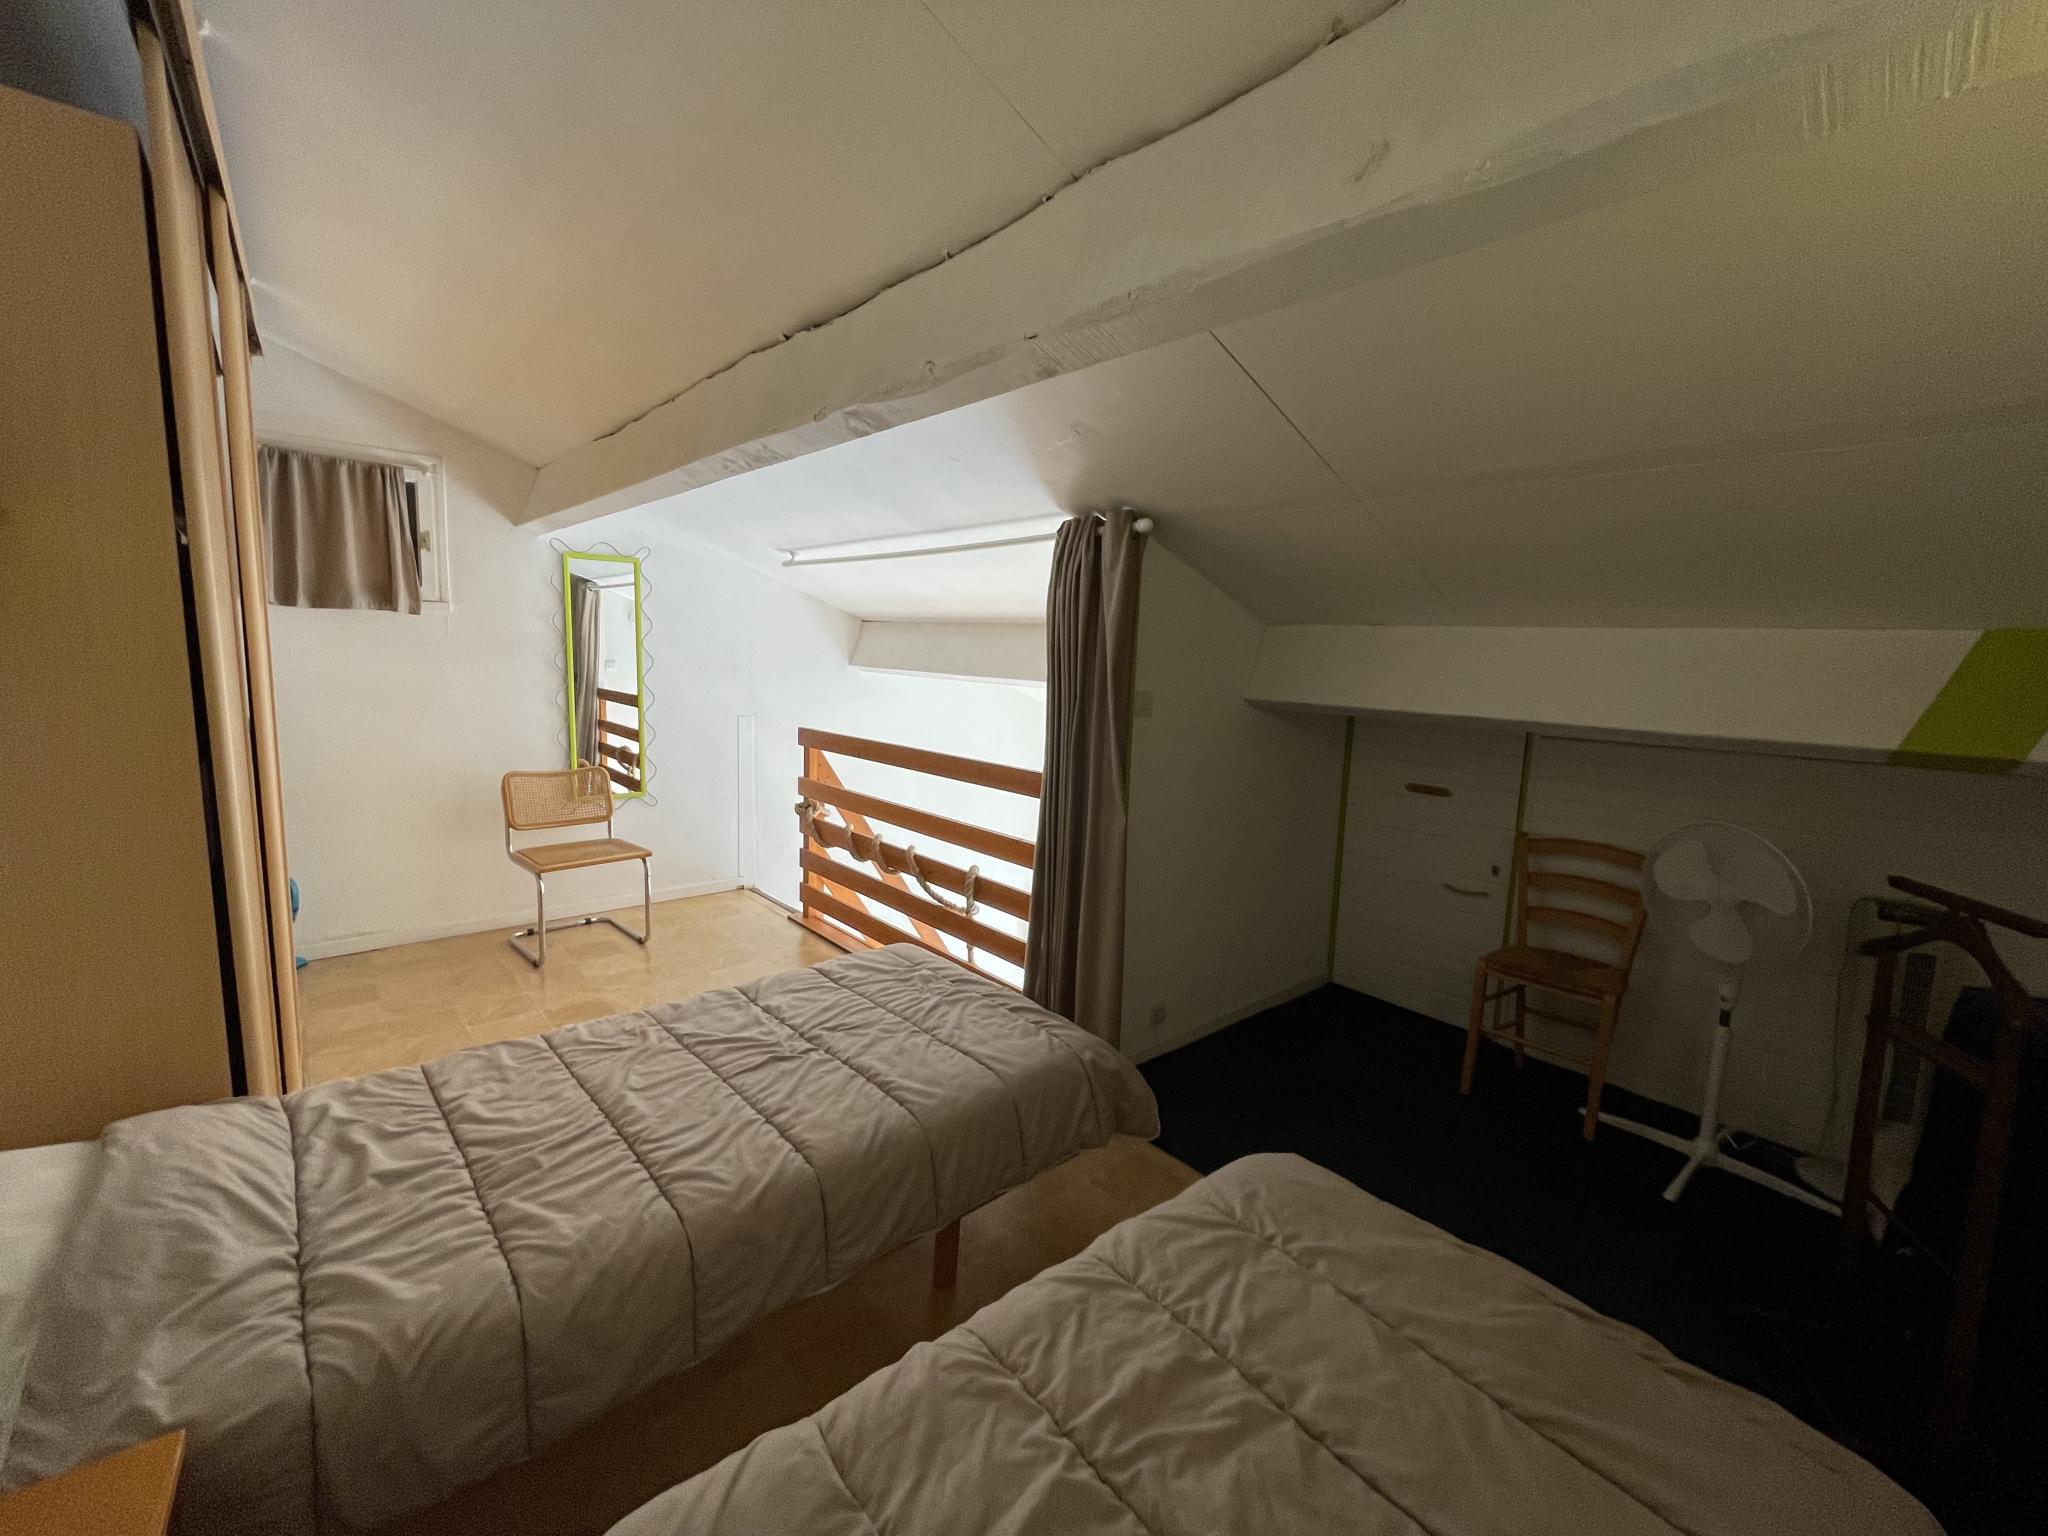 À vendre maison/villa de 44m2 à argeles plage (66700) - Photo 22'